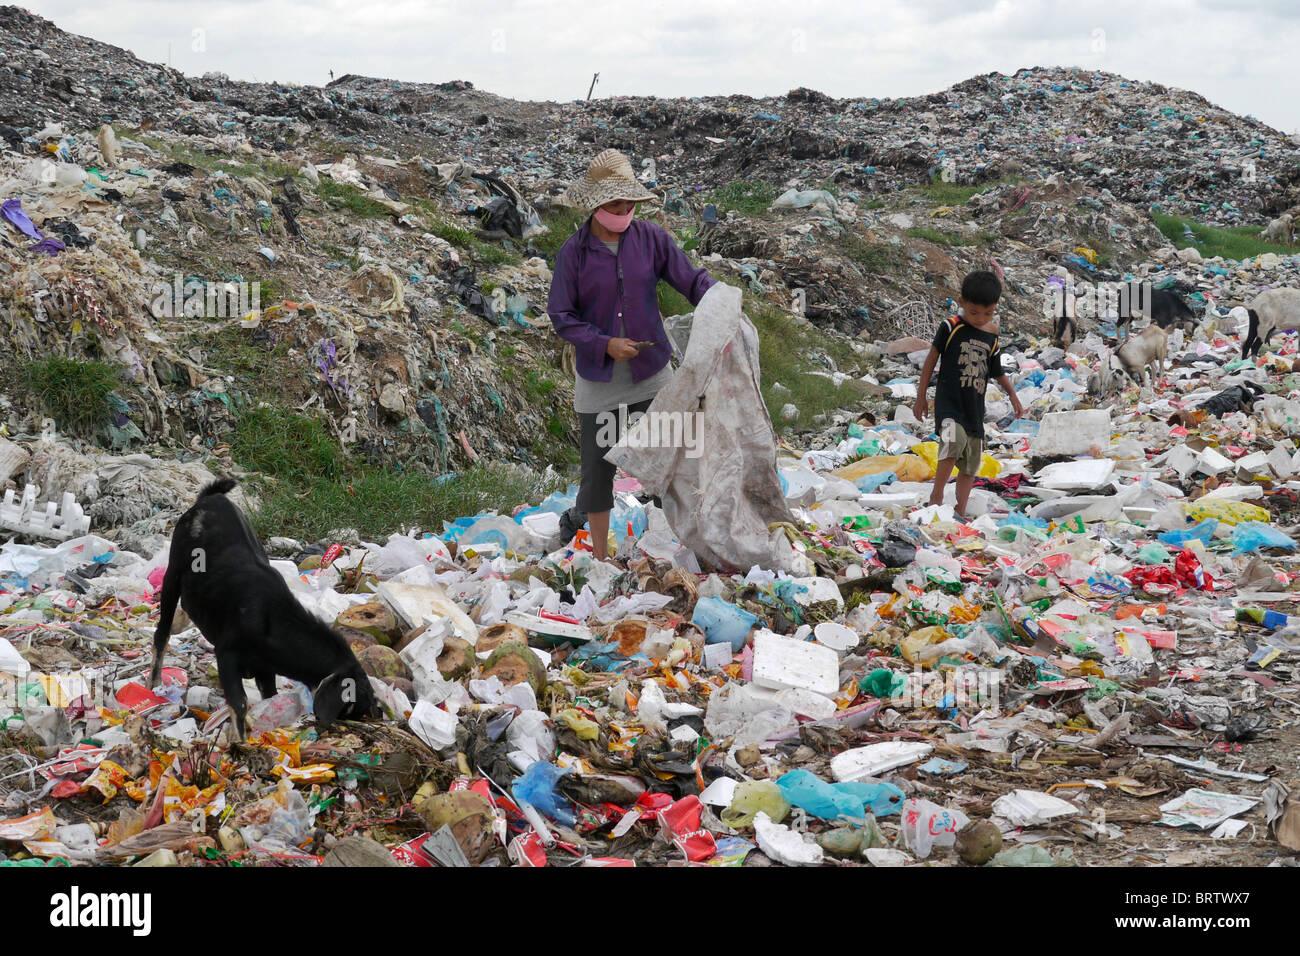 Kambodscha Scavenger Soun Srey Thouch auf der Suche nach Wertstoffen auf Phnom Penh bedeuten Caeay Müllkippe. Stockbild